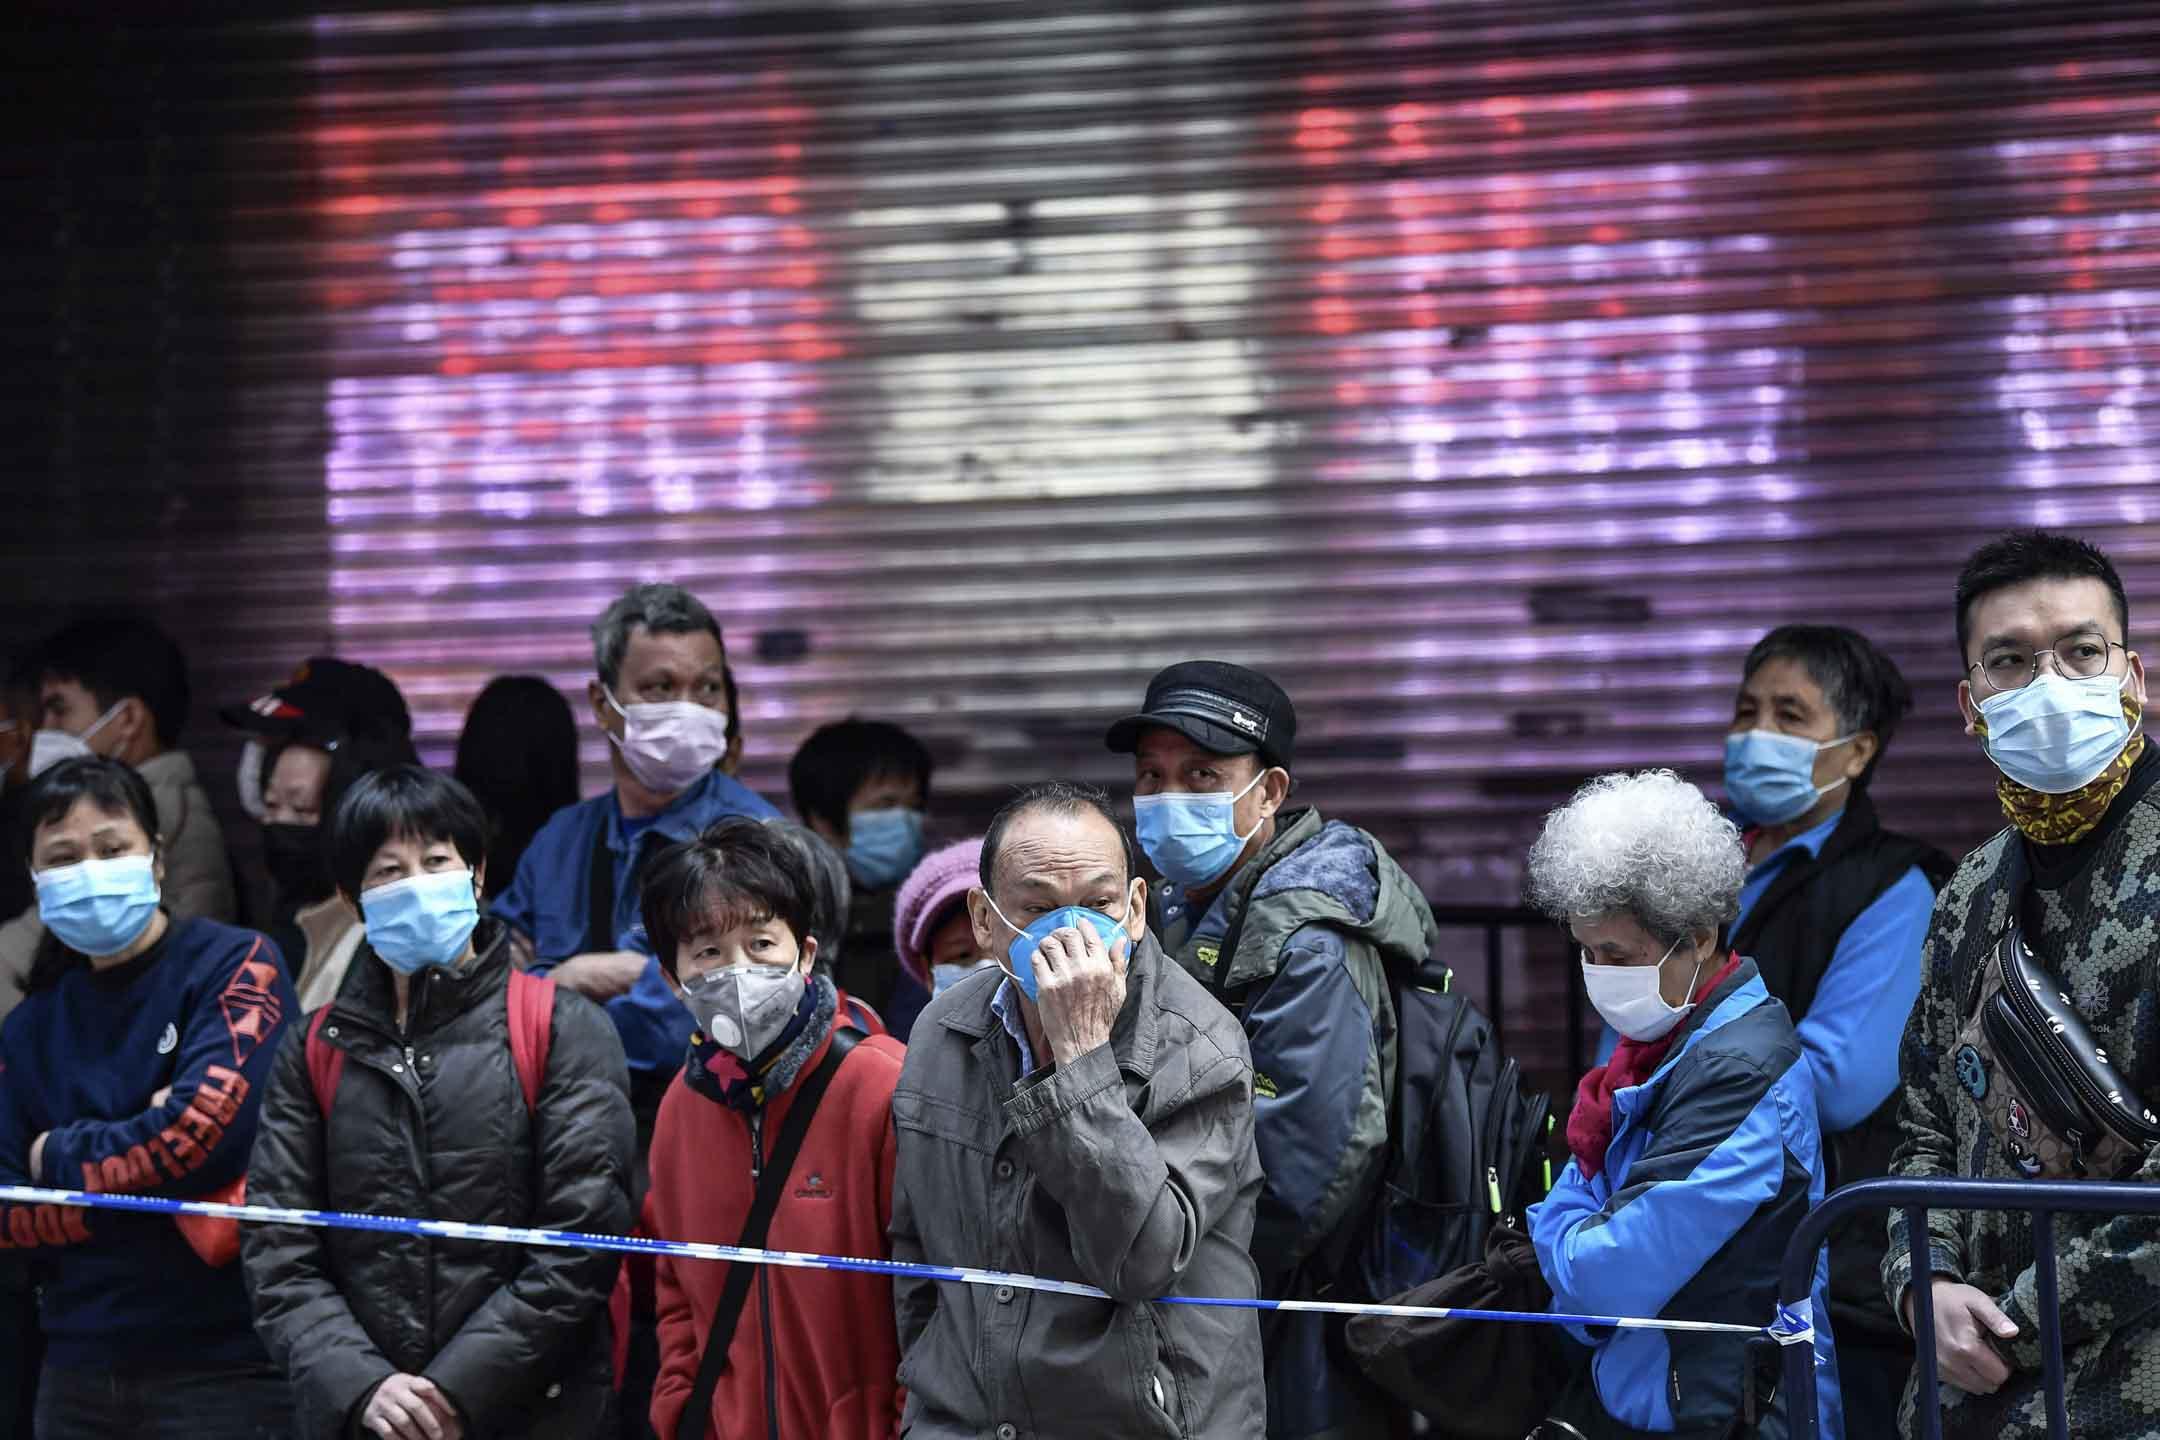 2020年2月1日,廣州,市民在商店外排隊買口罩。